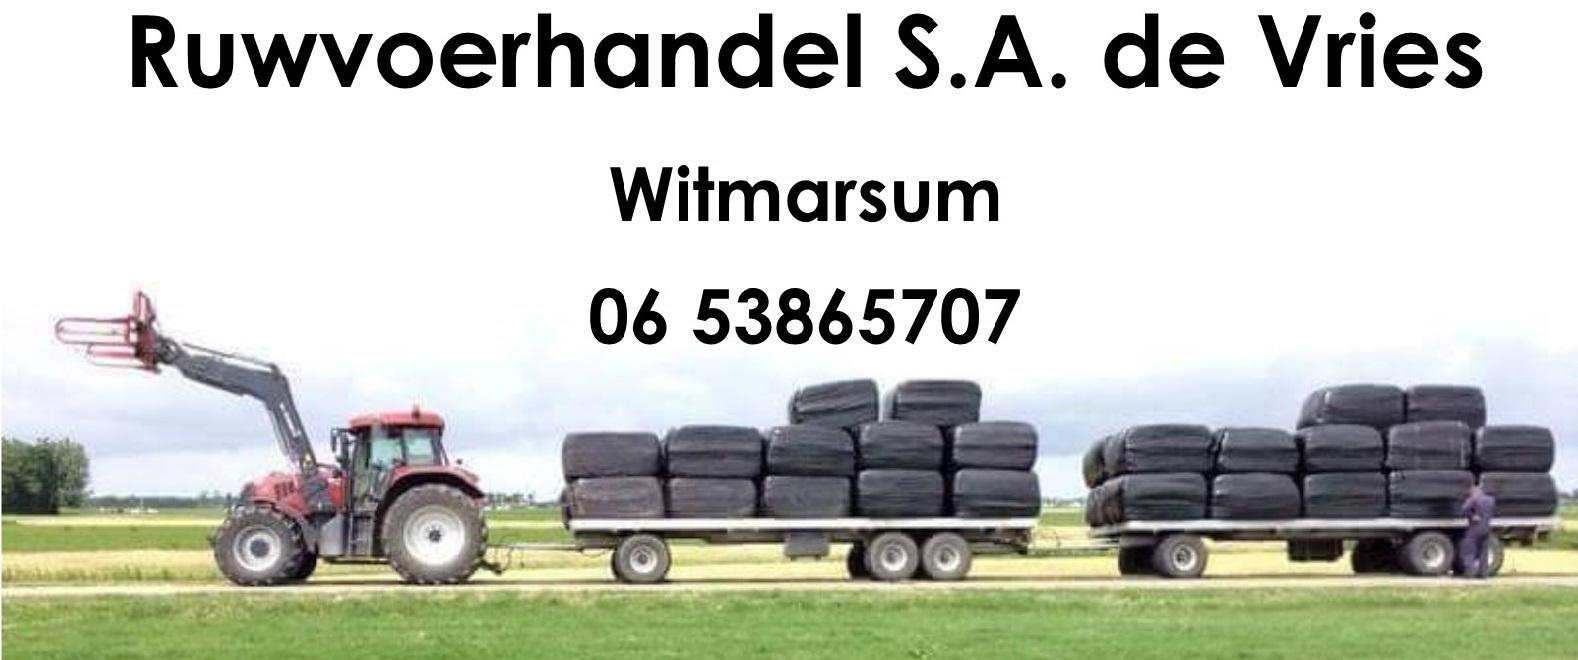 Ruwvoerhandel de Vries Witmarsum